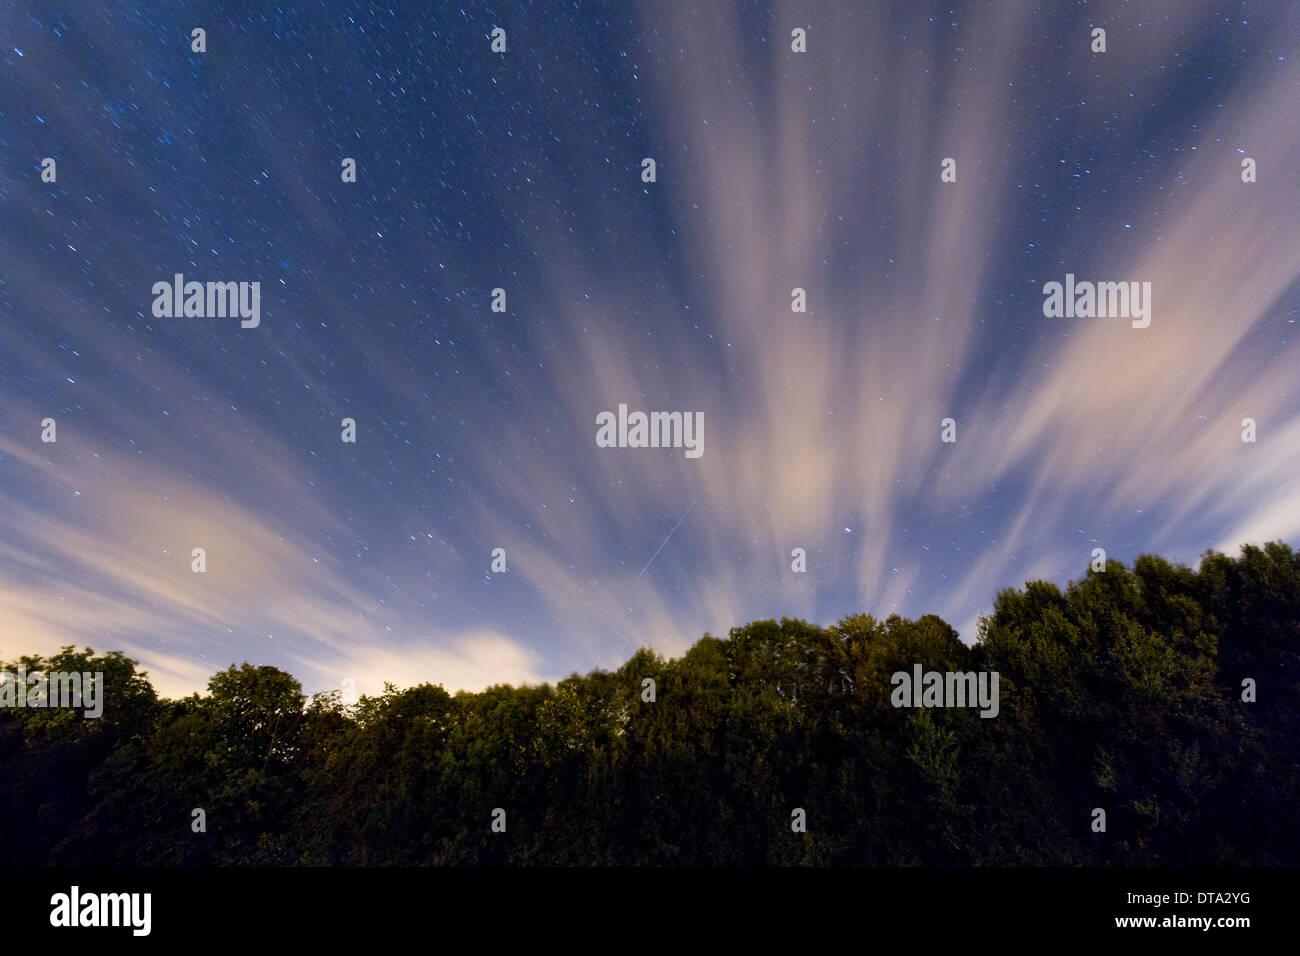 Shooting Star Night Sky Stock Photos & Shooting Star Night ...